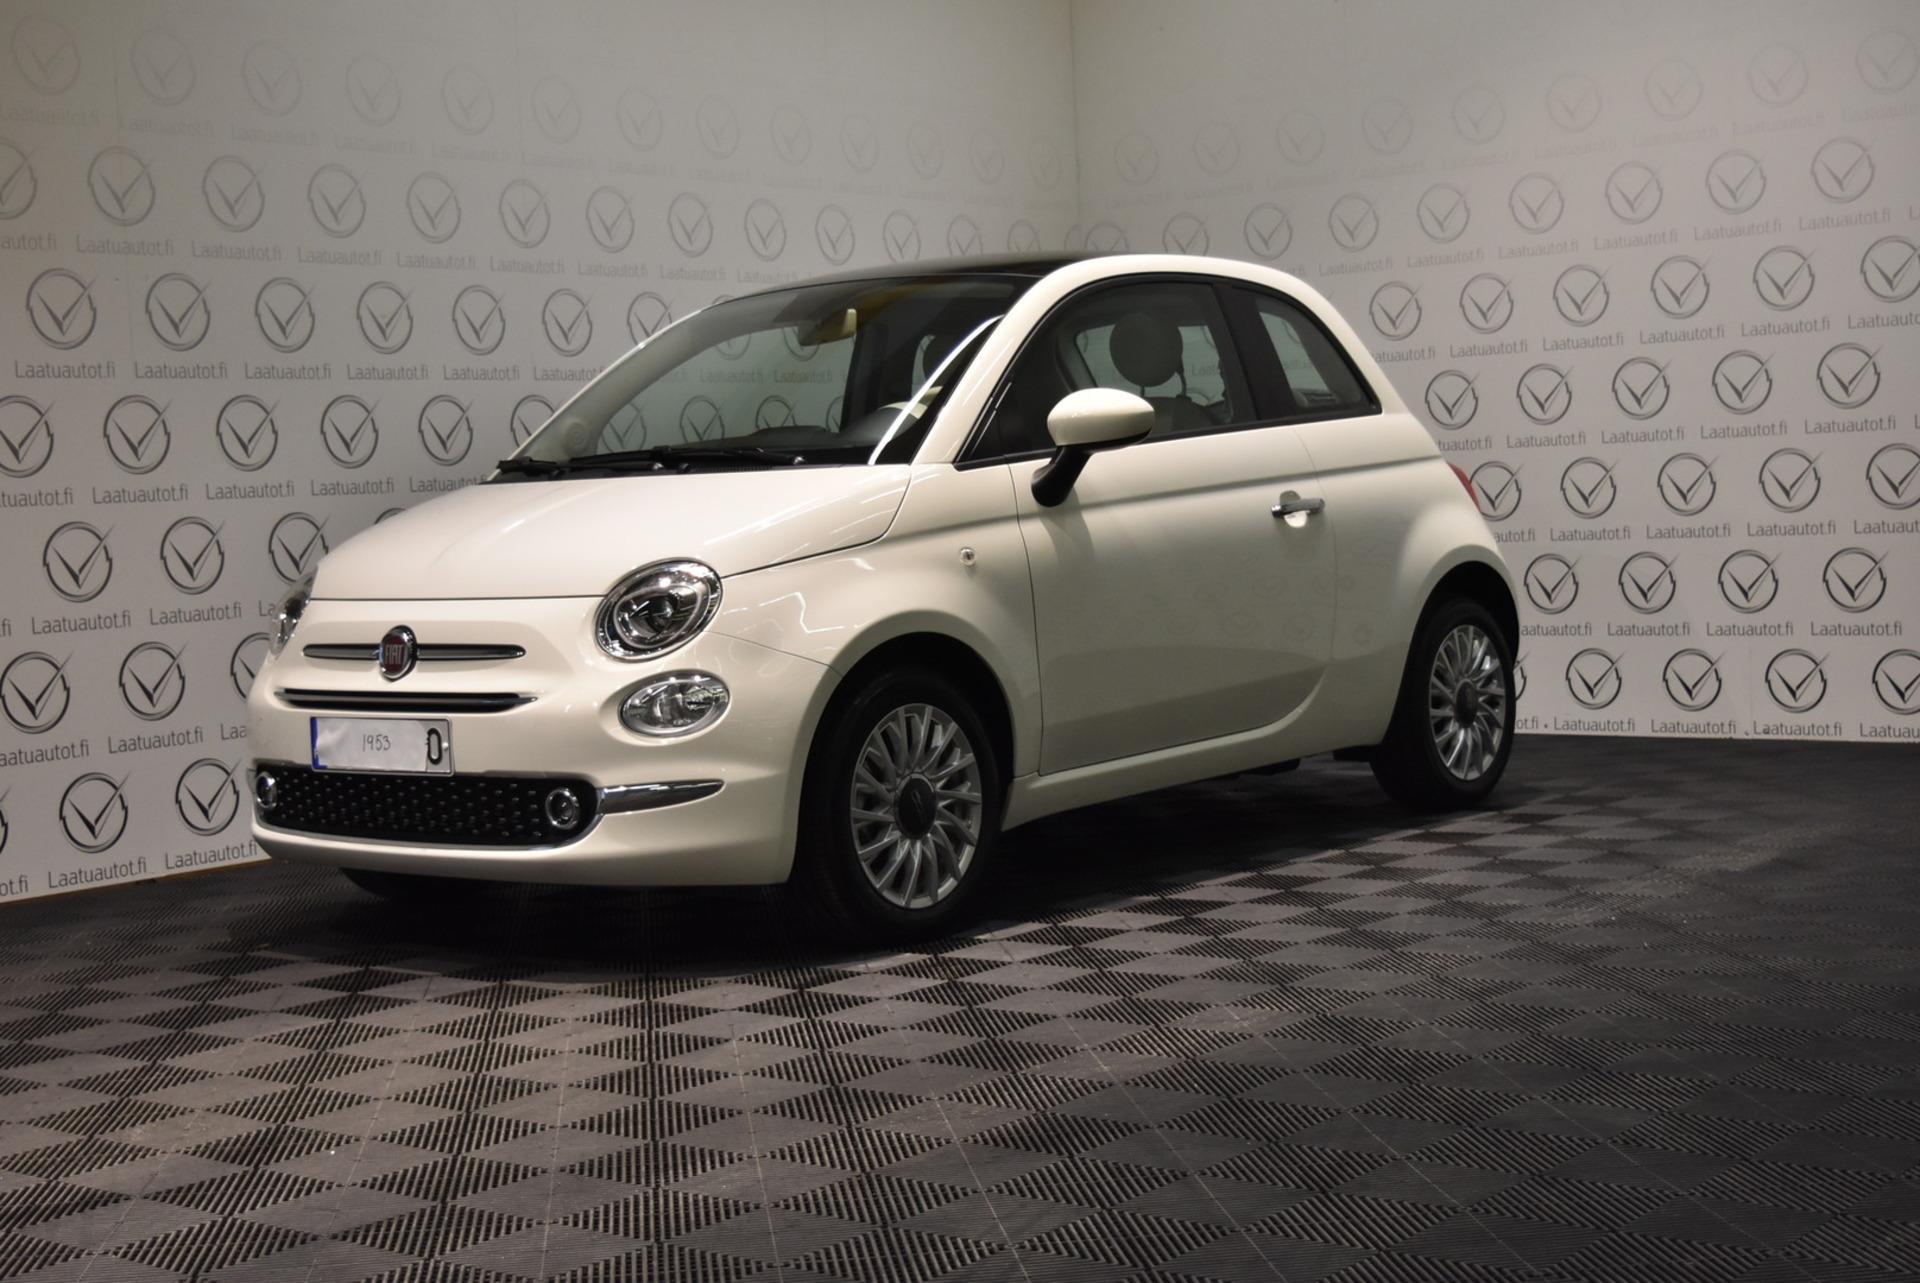 FIAT 500 1, 0 70hv Hybrid MT Lounge - Uusi Fiat 500 Hybrid nopeaan toimitukseen,  korkotarjous 1.89% + kulut,  jopa ilman käsirahaa!